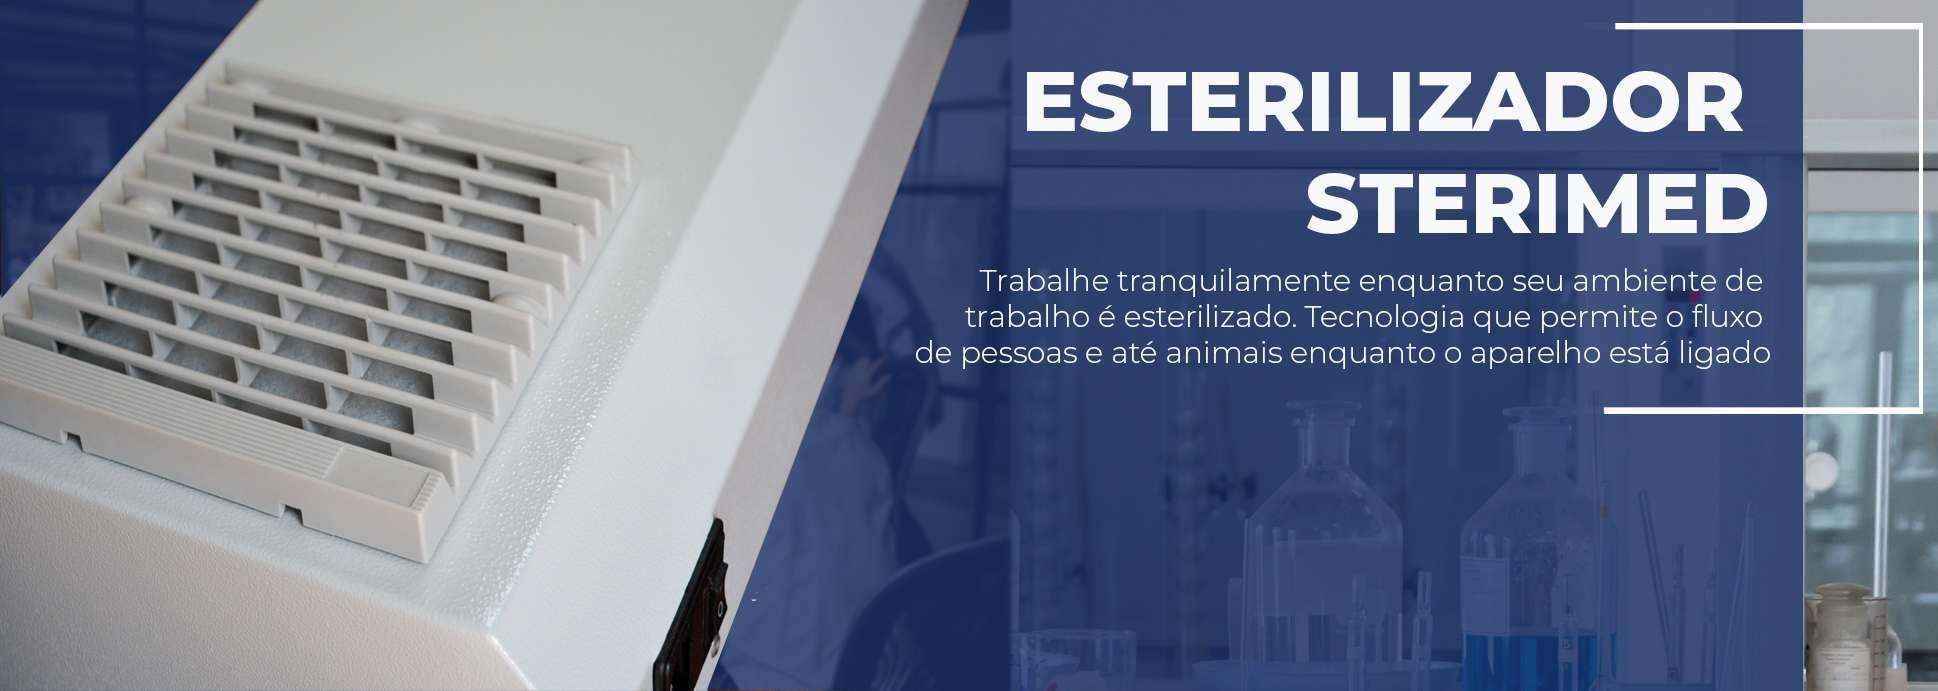 MODELO BANNER SITE NOVO - ESTERILIZADOR NOVO GRANDÃO